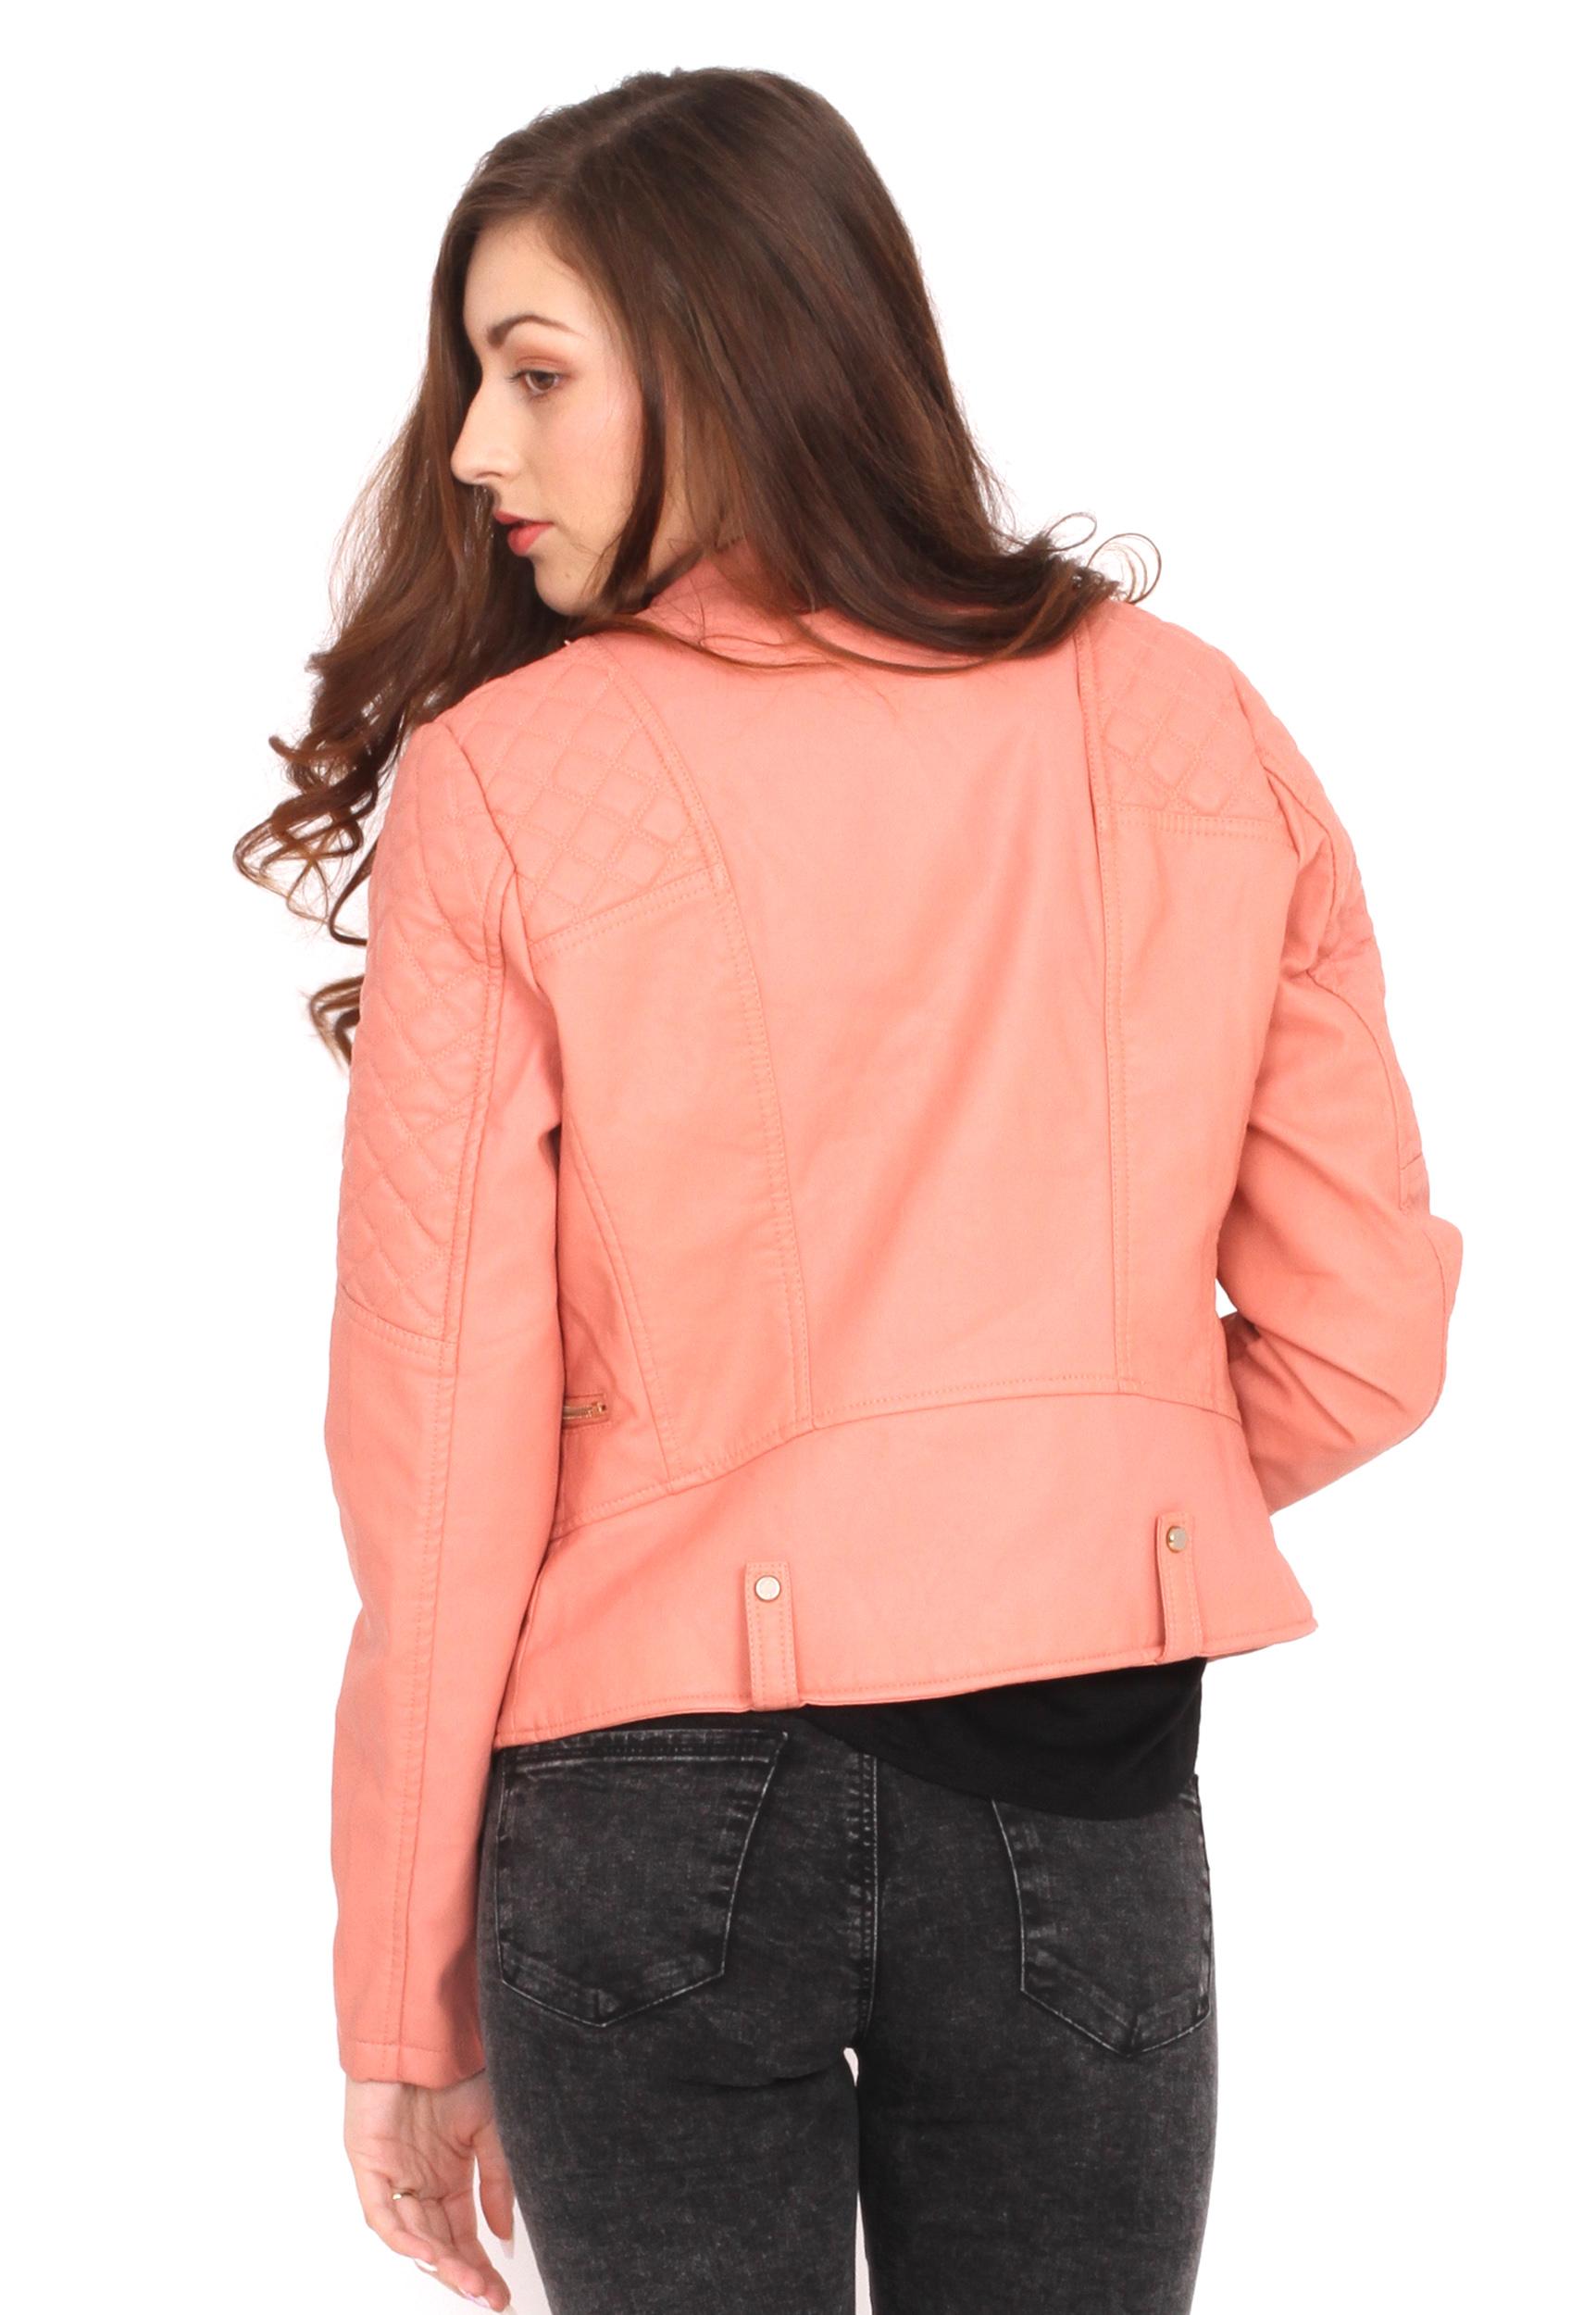 modele de geci si jachete de dama